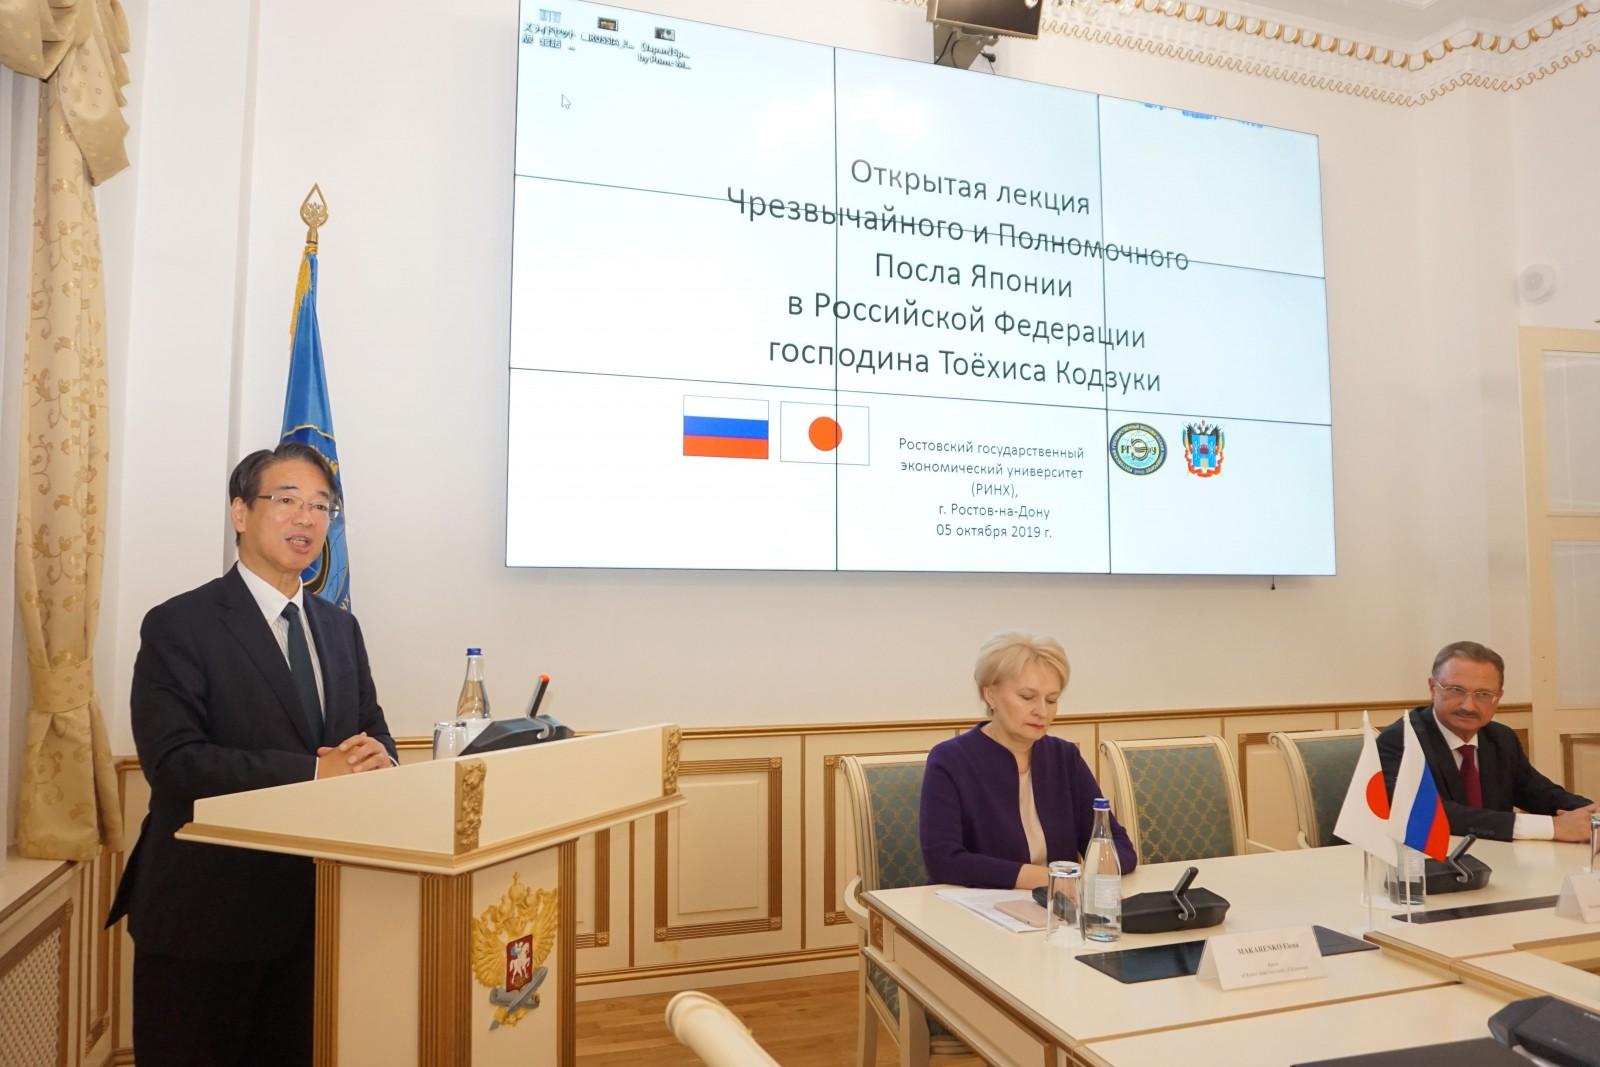 Посол Японии в России провёл лекцию для донских студентов